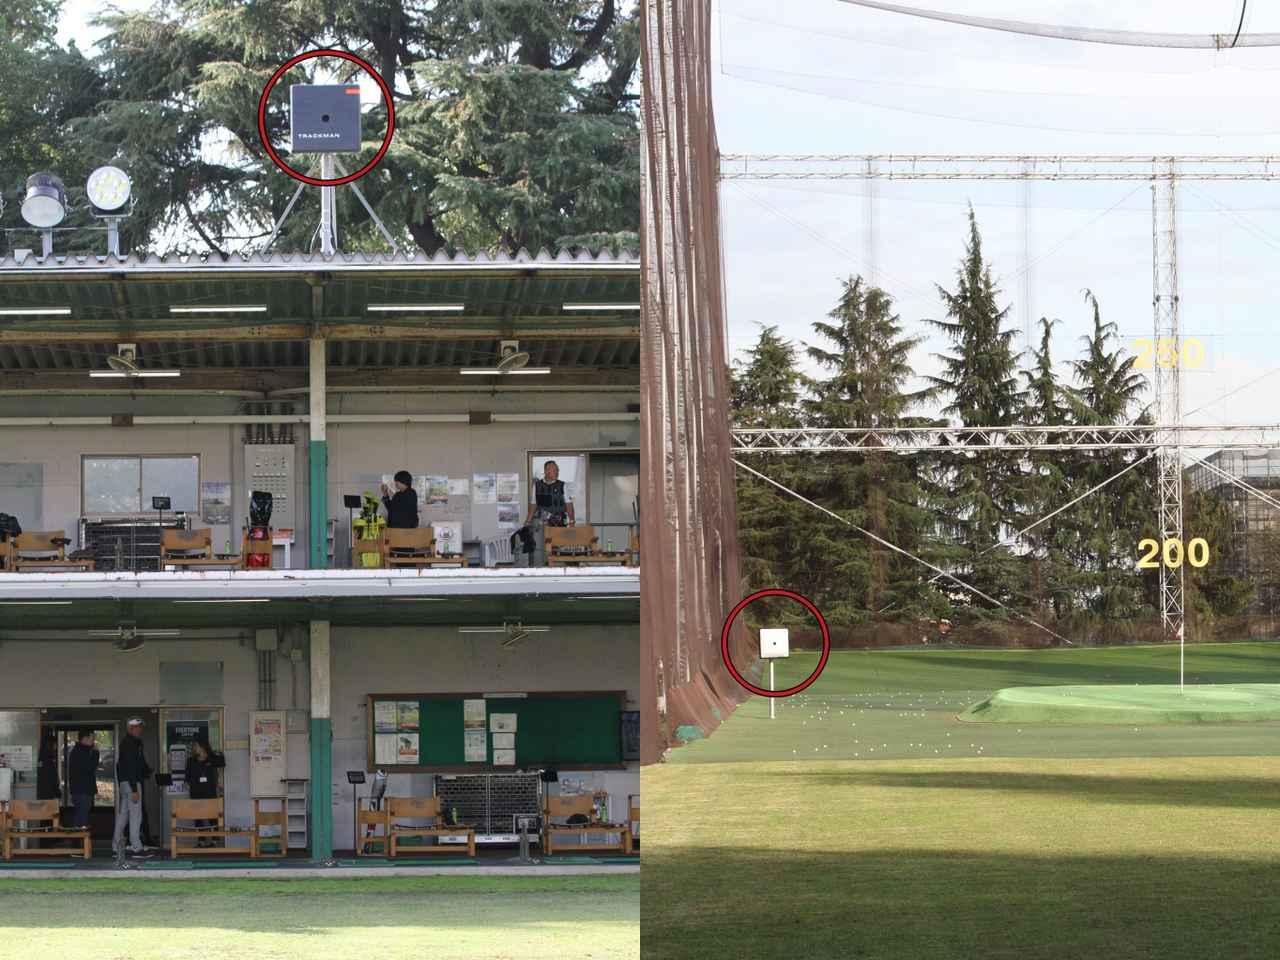 画像: 練習場の屋根の上とフィールド内に各1基レーダーが設置され、これで全打席をカバーしている